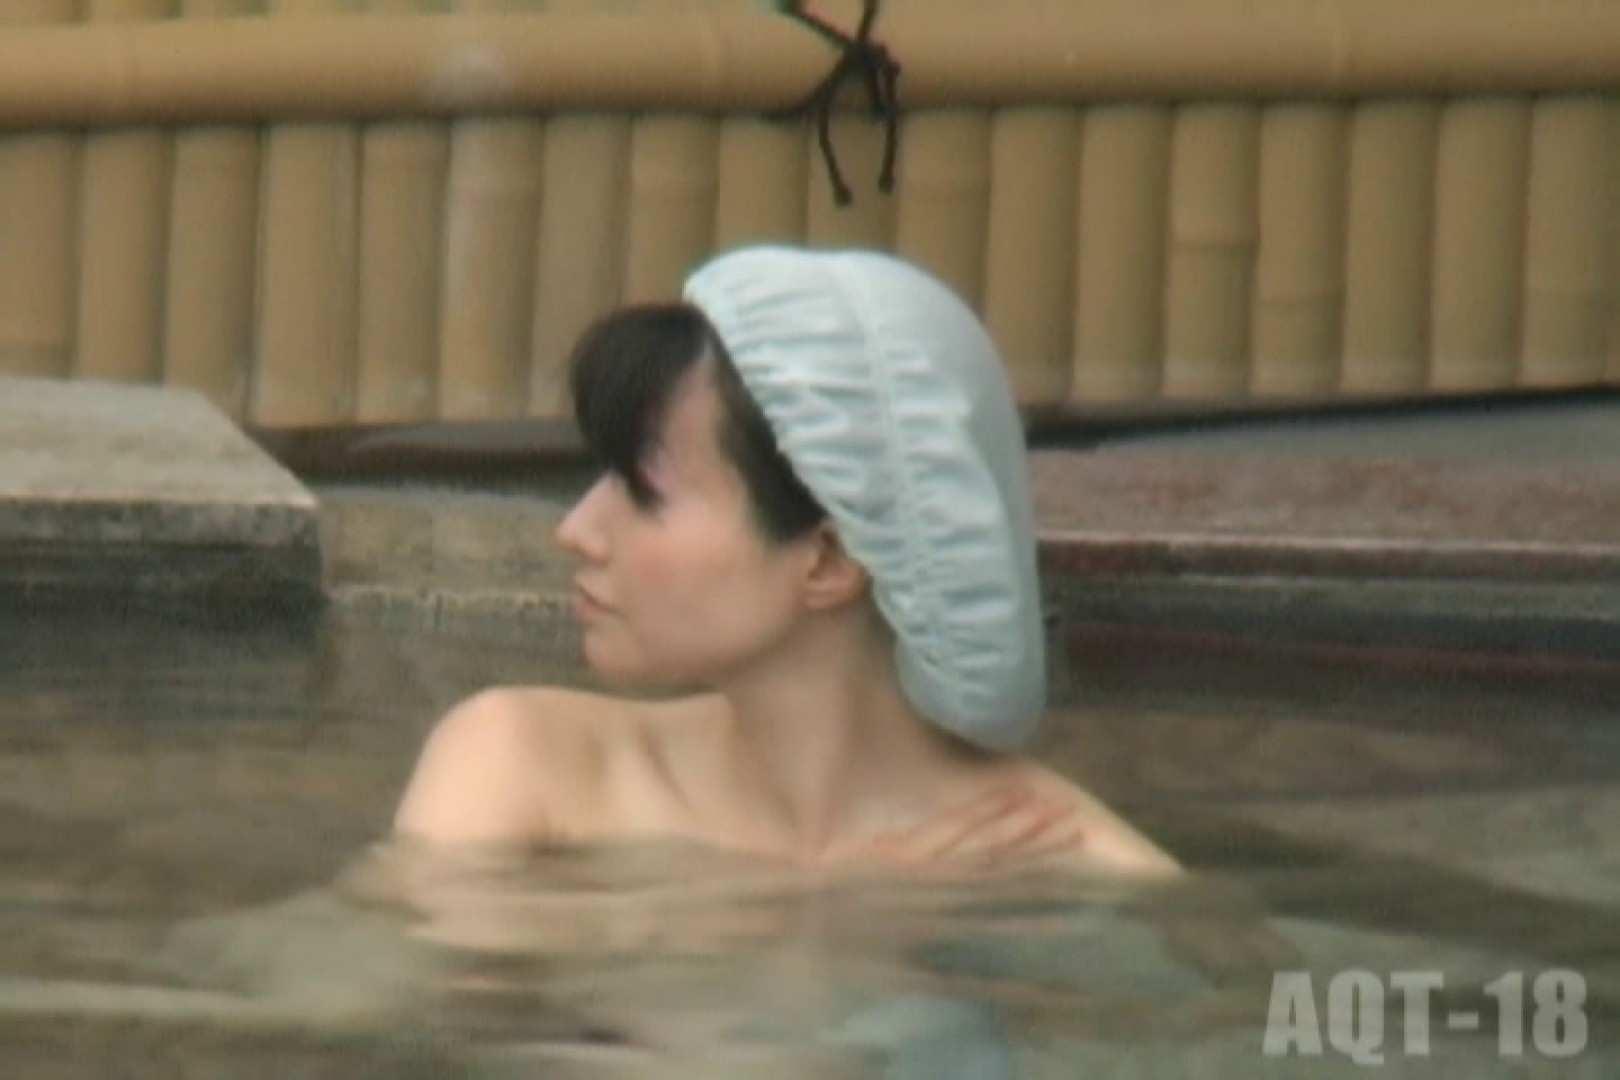 Aquaな露天風呂Vol.864 OLエロ画像 覗きスケベ動画紹介 62PICs 38